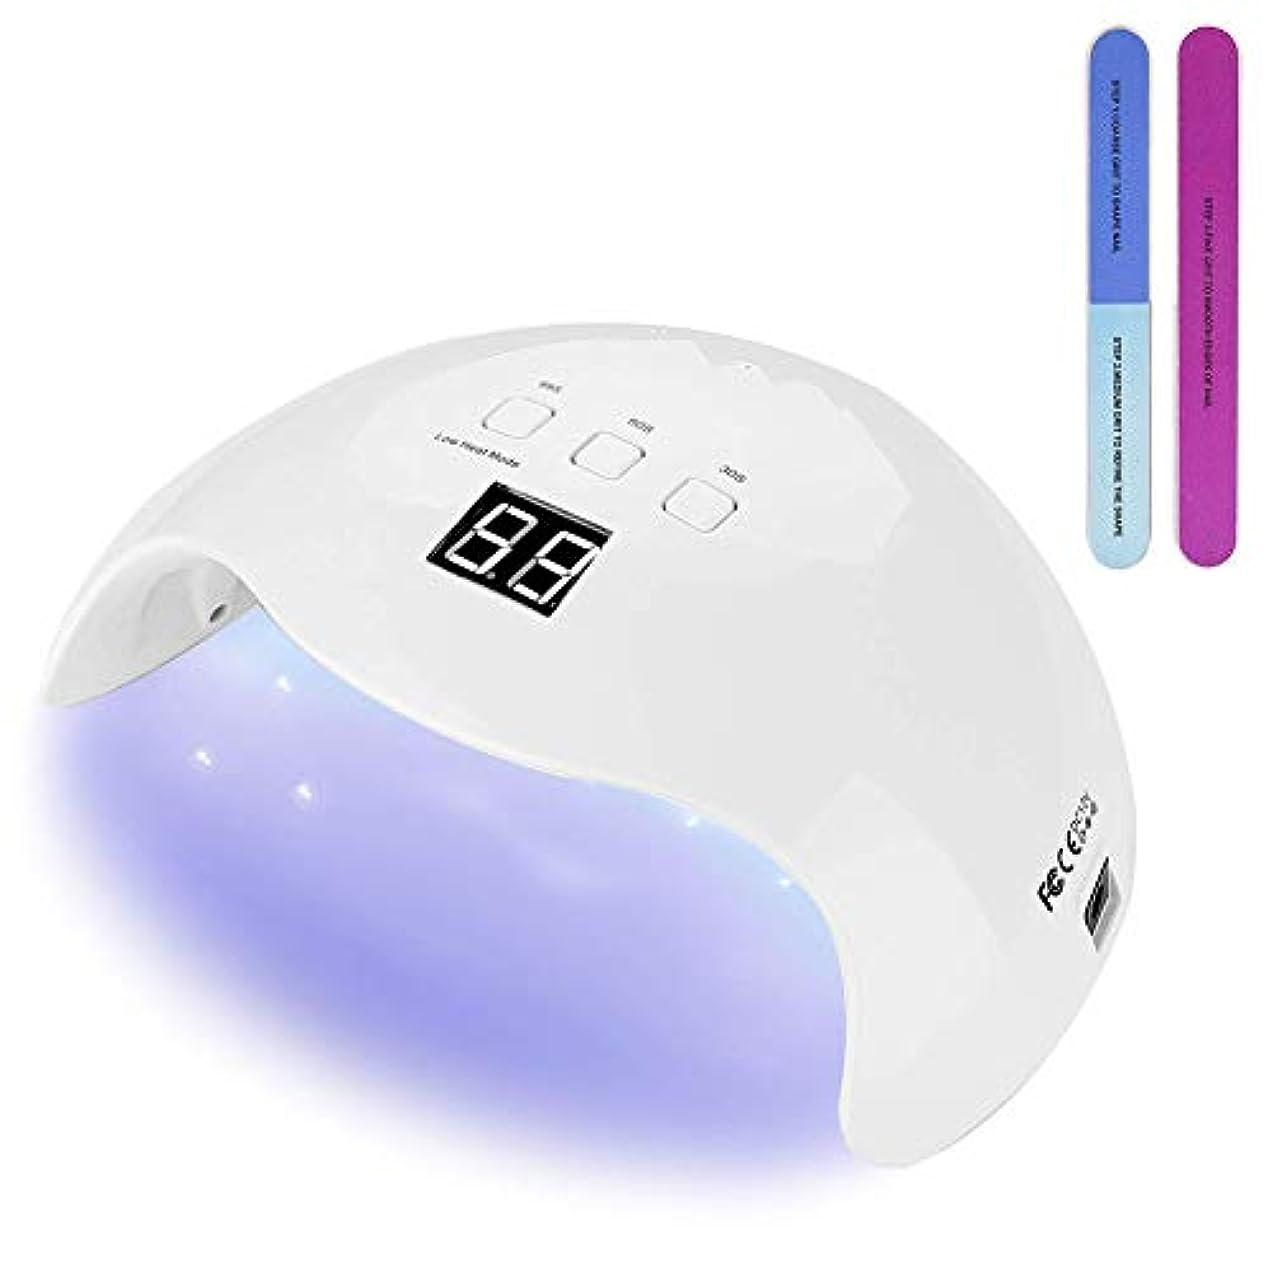 マウンドピボット国内の40Wネイルドライヤー、ネイル用LED/UVランプ、30/60/99秒タイマー、赤外線センサー、LCDディスプレイ、全ゲル用